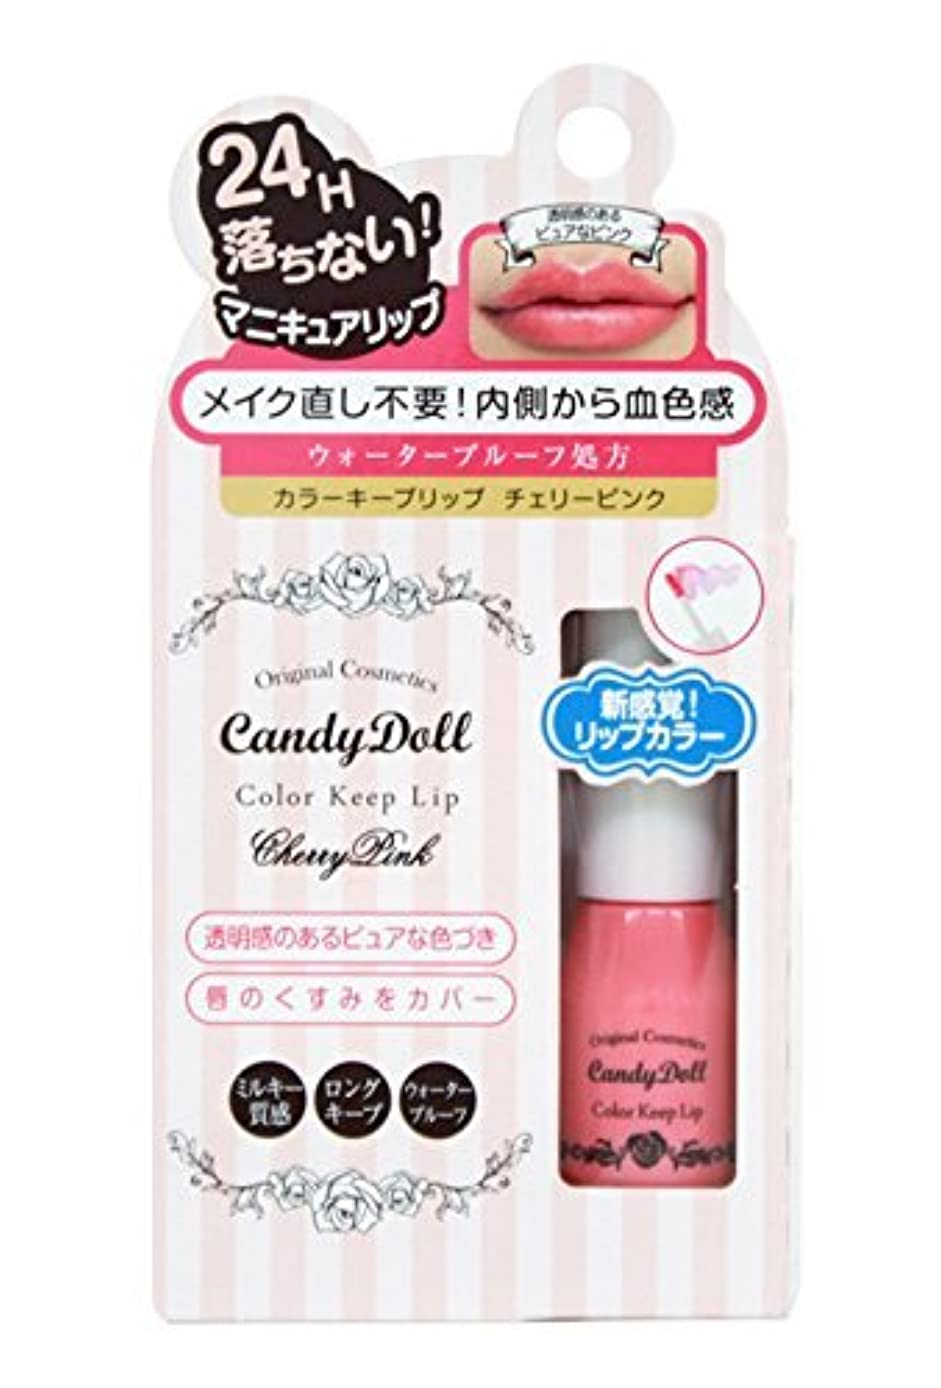 息を切らして仮称キラウエア山T-Garden CandyDoll カラーキープリップ チェリーピンク